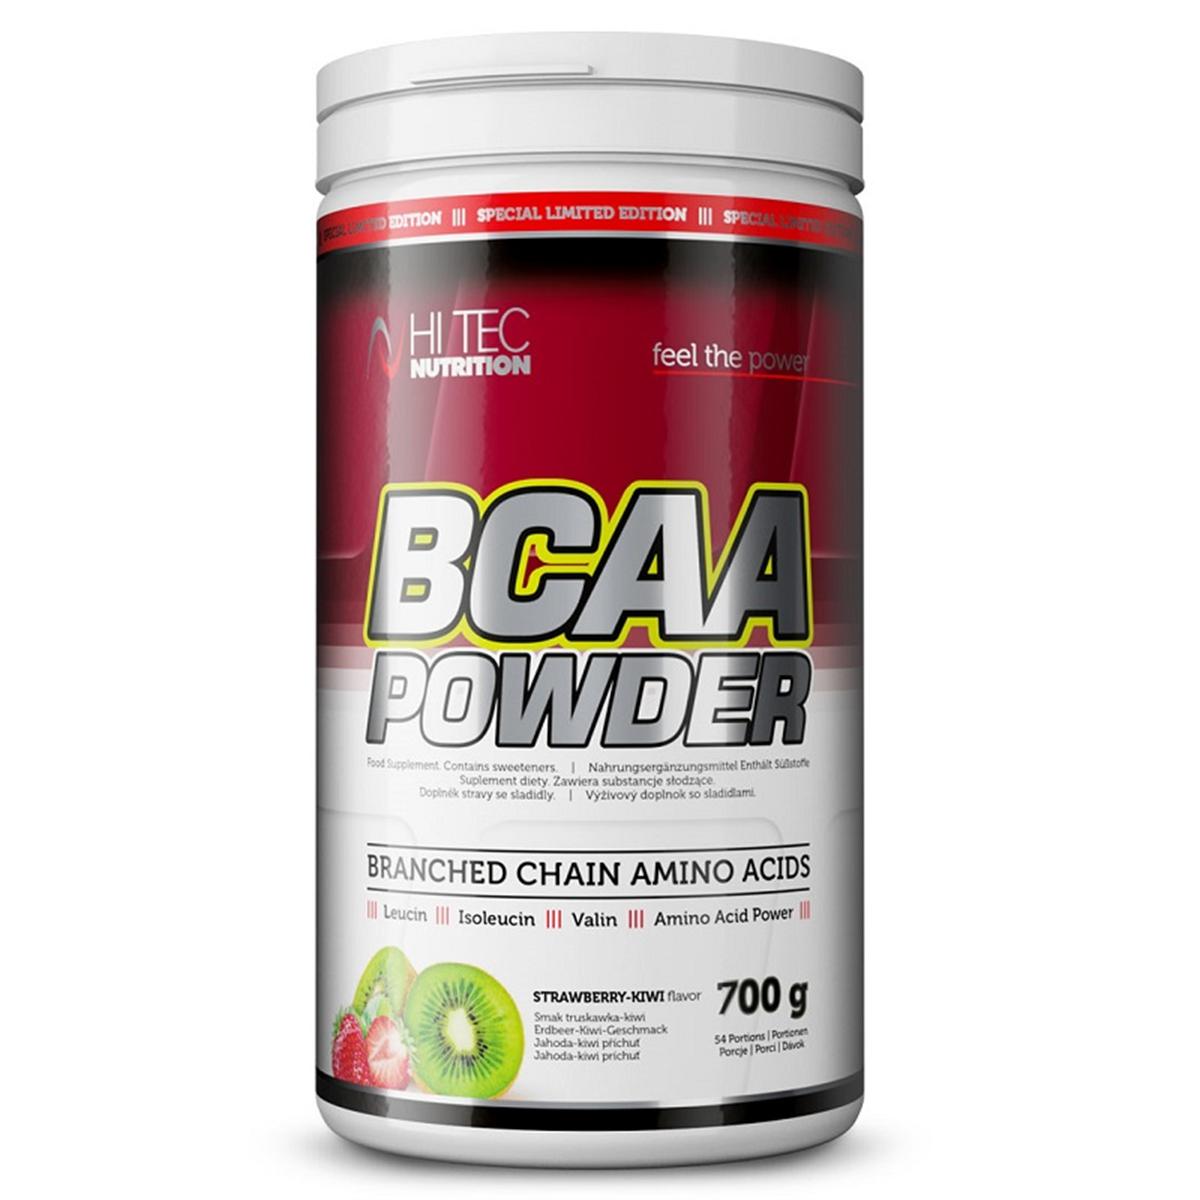 super słodki gorący produkt Nowe Produkty 89 PLN • BCAA Powder 700g - Hi-Tec Nutrition • NAJTANIEJ • Sklep SFD